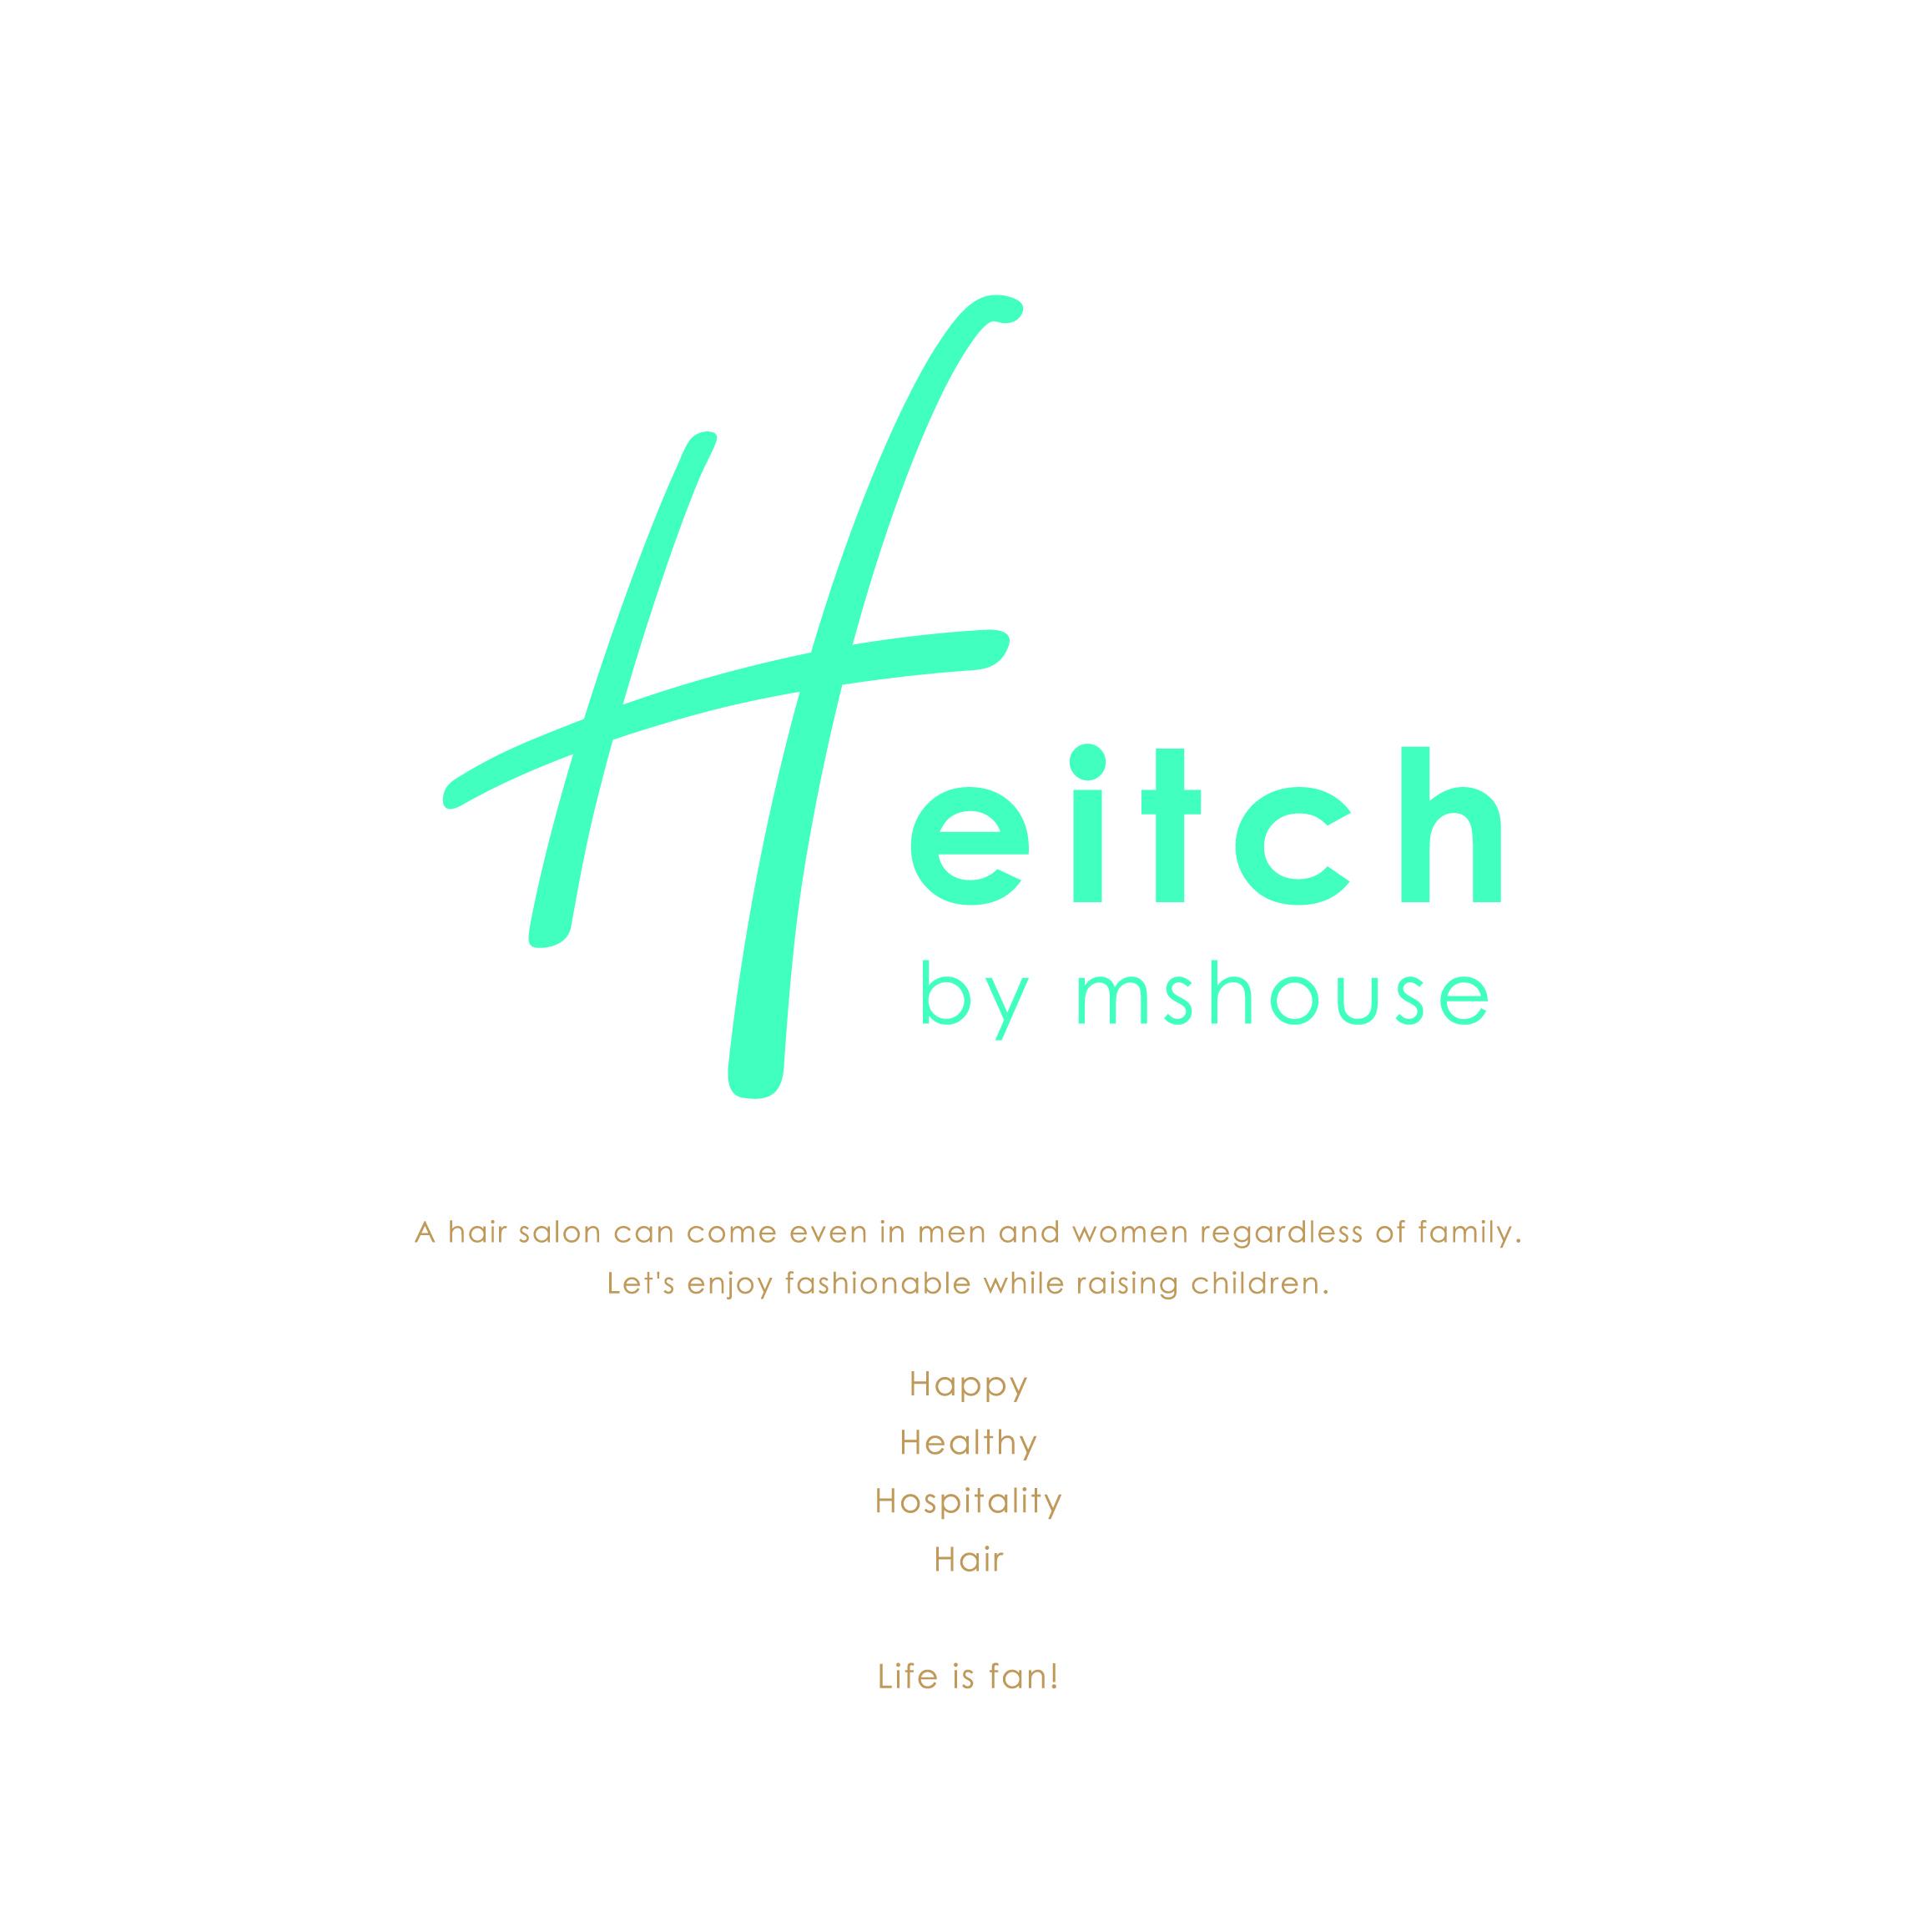 eitch6-1.jpg